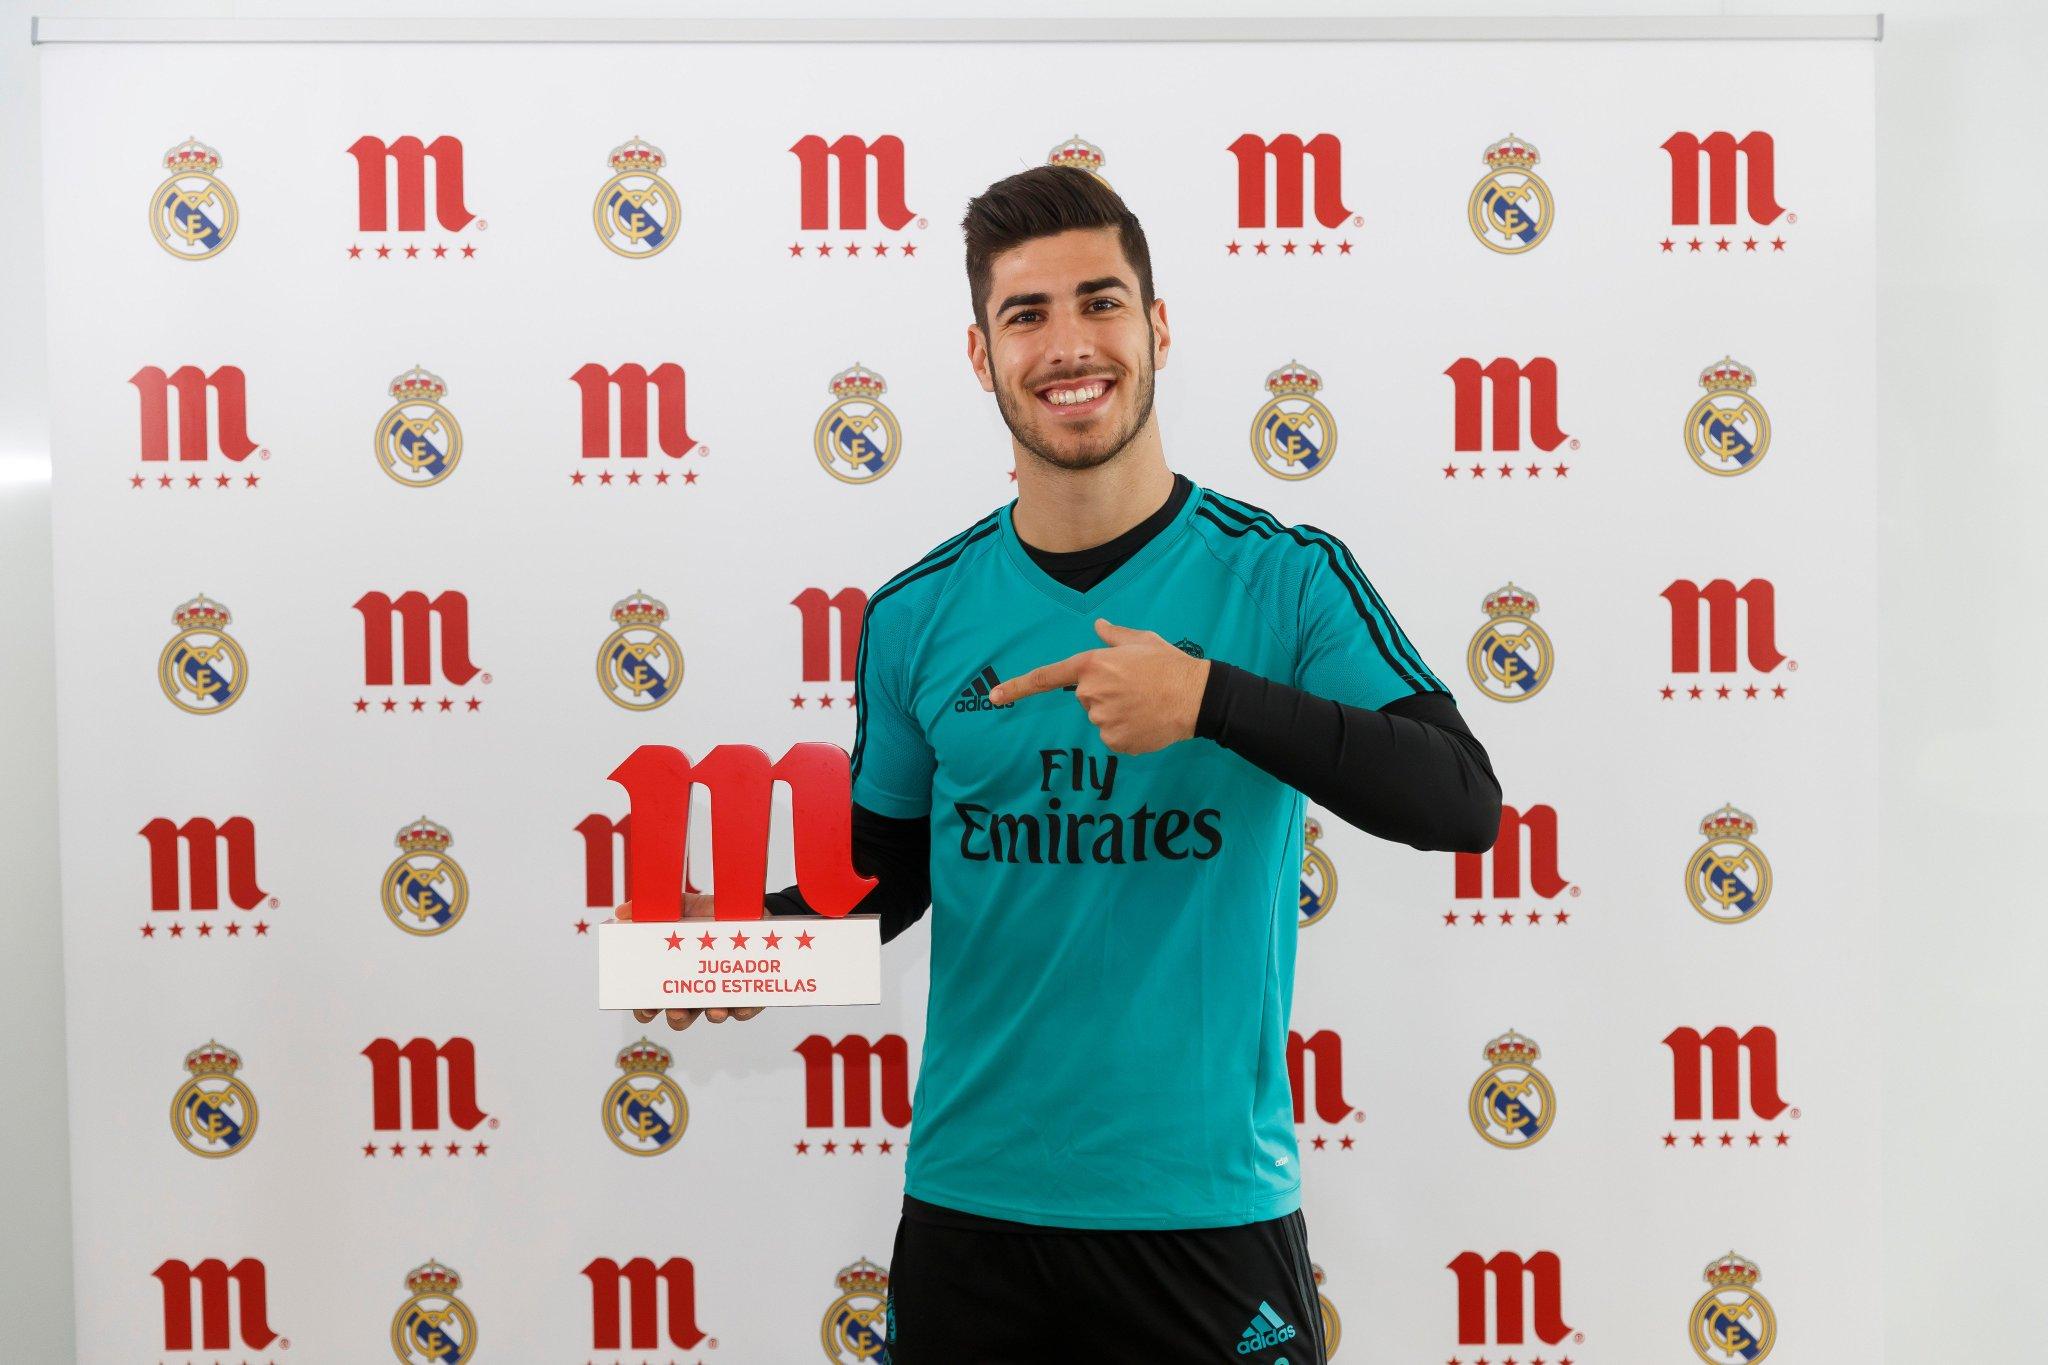 El RCD Espanyol repetirá la fórmula Marco Asensio con una estrella ...